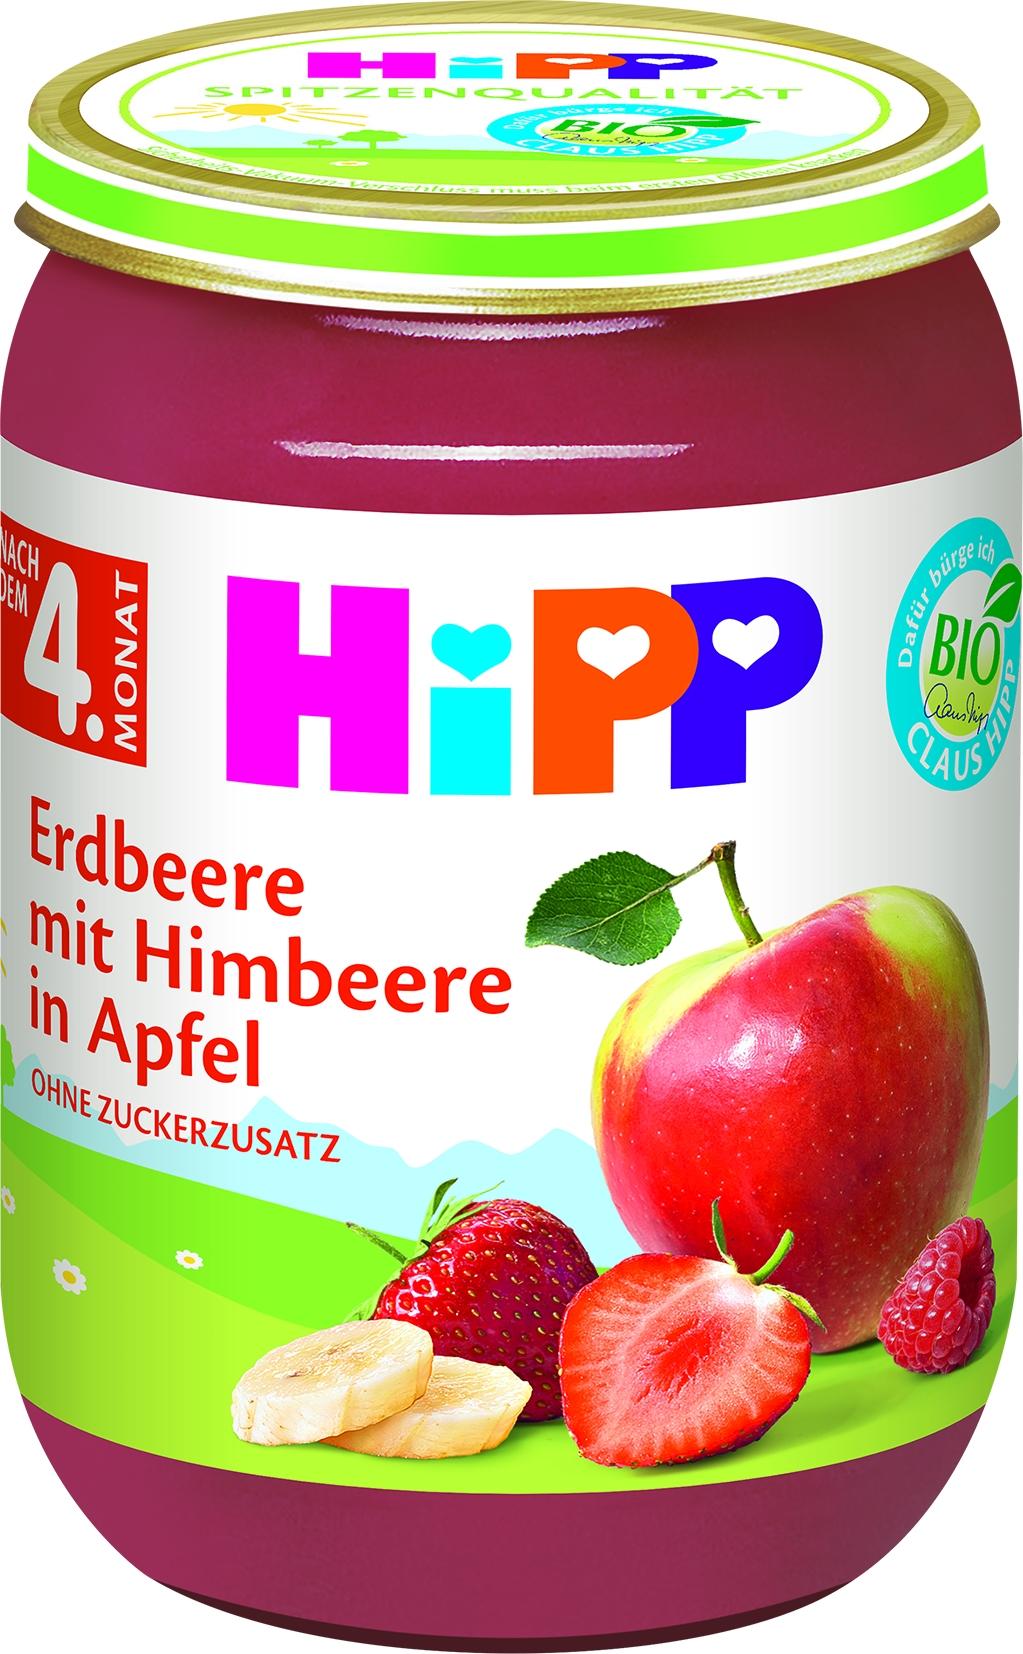 Bio 4410 Erdbeer/Himbeer/Apfel